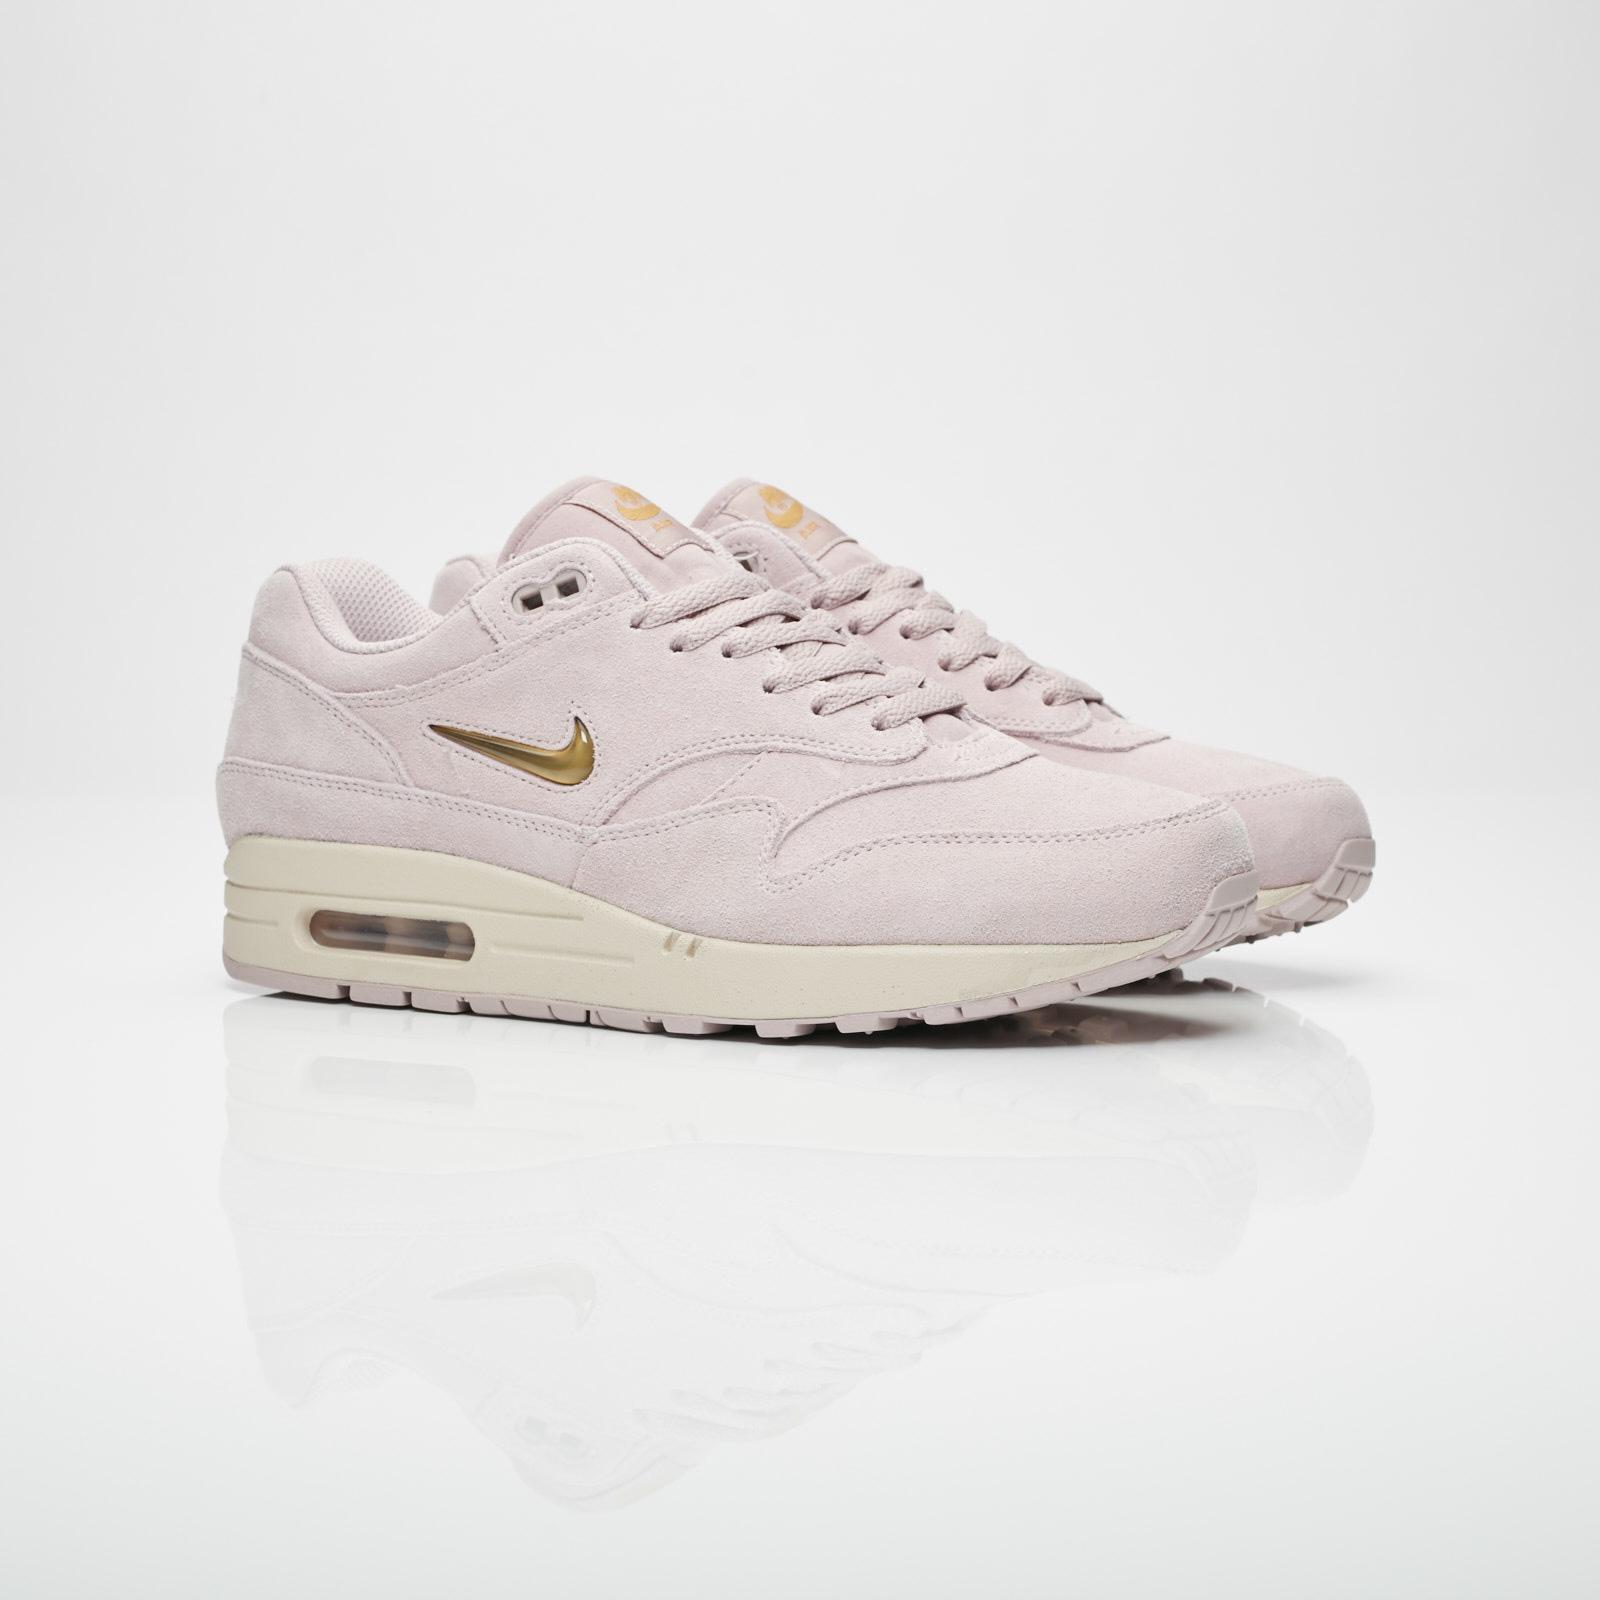 Nike Air Max 1 Premium SC - 918354-601